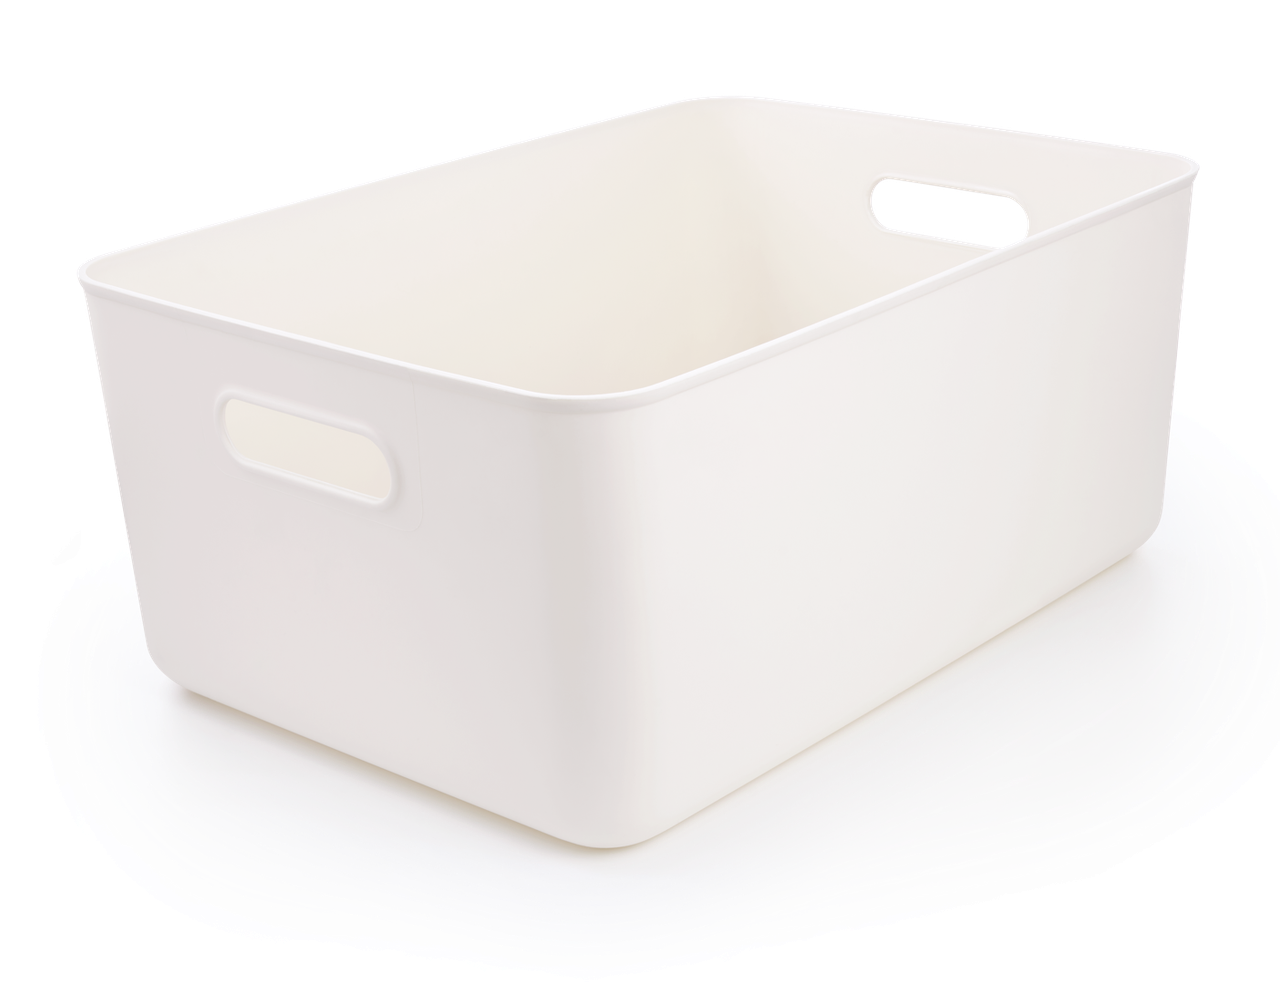 Ящик для зберігання MVM FH-13 WHITE XL пластиковий білий